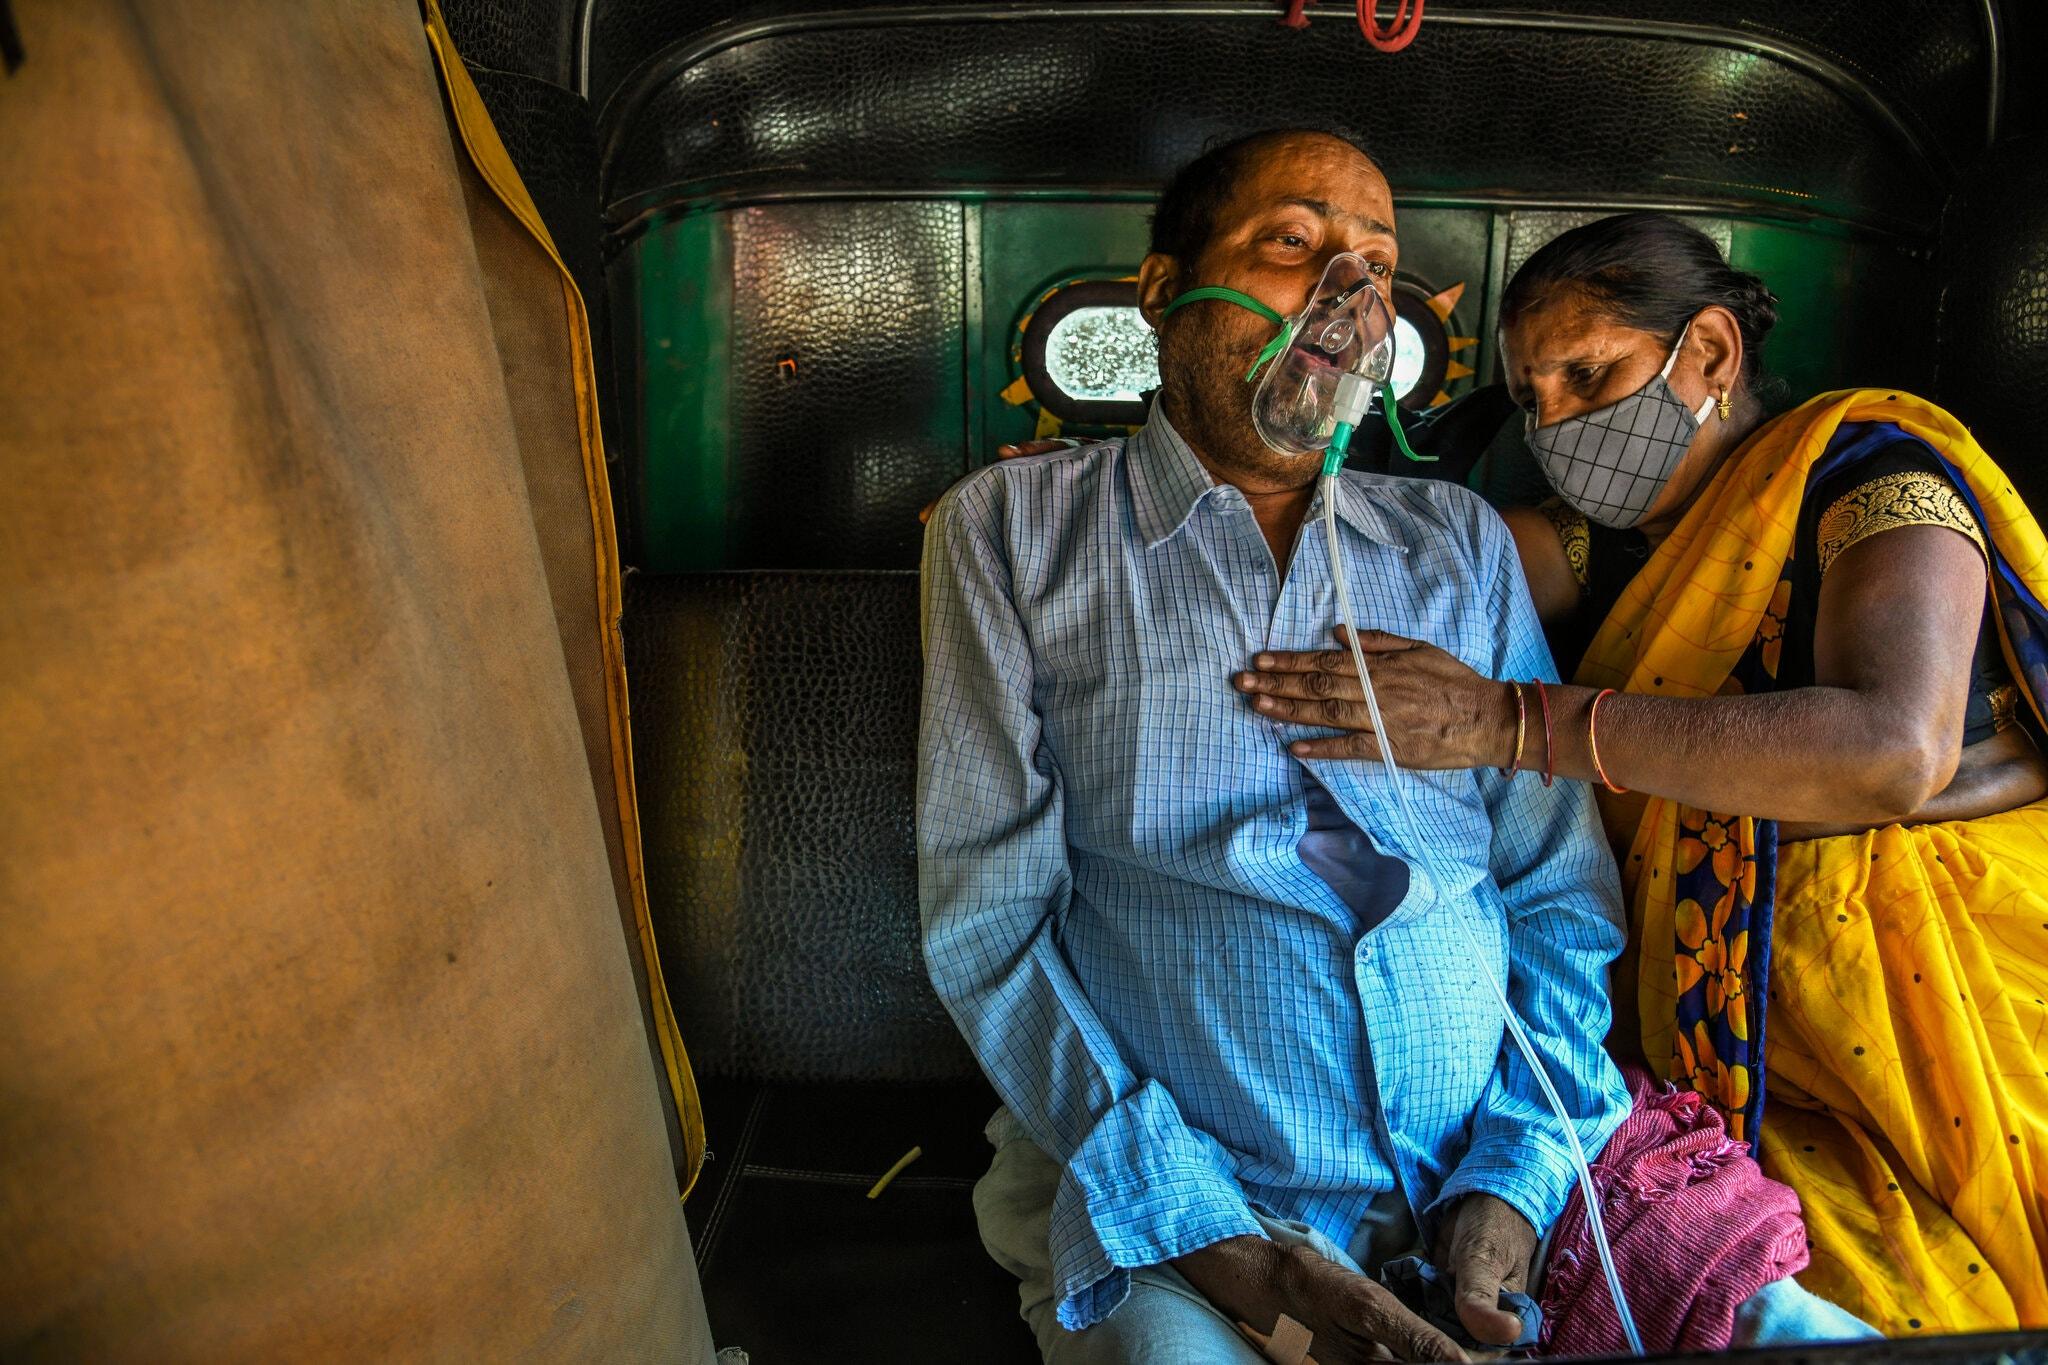 """Chùm ảnh 1 tuần Ấn Độ lầm than vì """"đại hồng thủy"""" Covid-19: Khói lửa mù mịt cay xè mắt, đau thắt ruột gan tiễn biệt người thân chết trong đau đớn - Ảnh 12."""